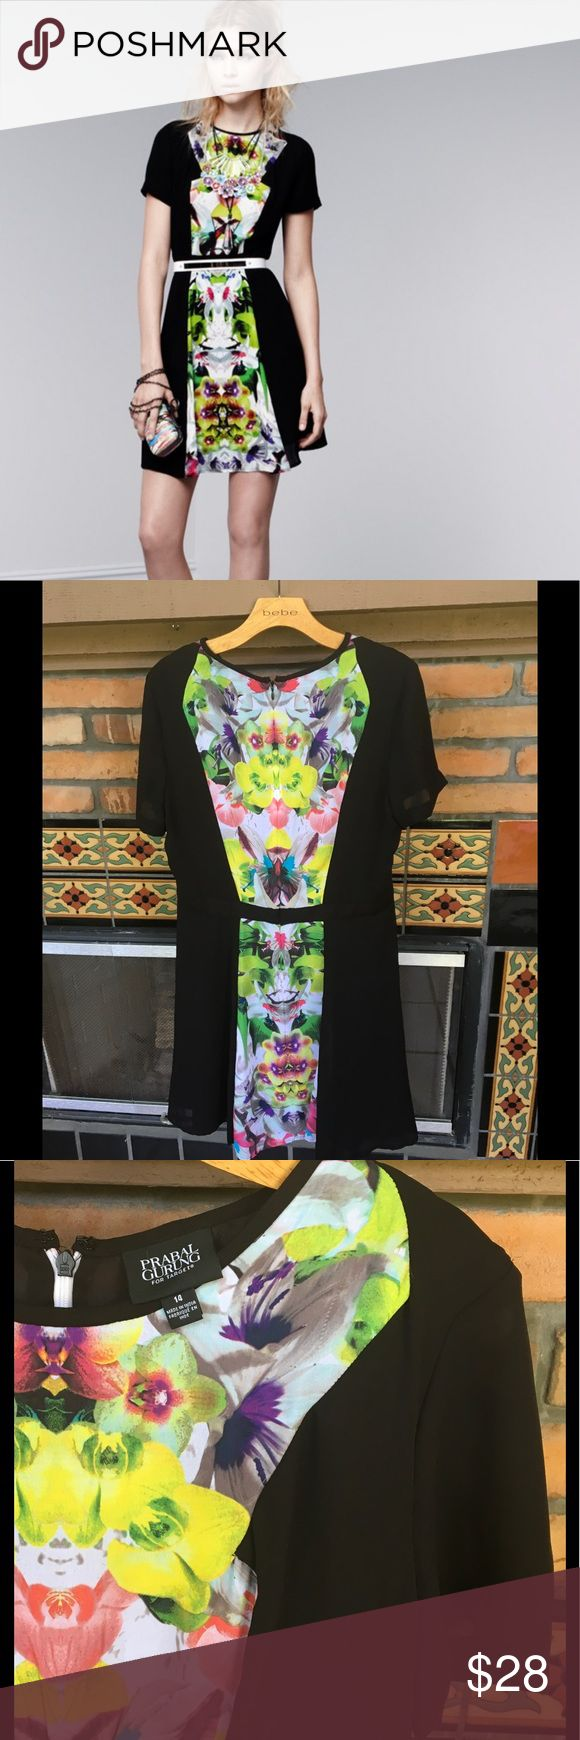 🌺GET YOUR SUMMER ON PRABAL GURUNG FIGURE FLATTER ALMOST NEW CHIC SUMMER FLORAL DRESS BY FAMED DESIGNER PRABEL GURUNG FOR TARGET.  VERY FIGURE FLATTERING ANLD UBER COMFORTABLE. Dresses